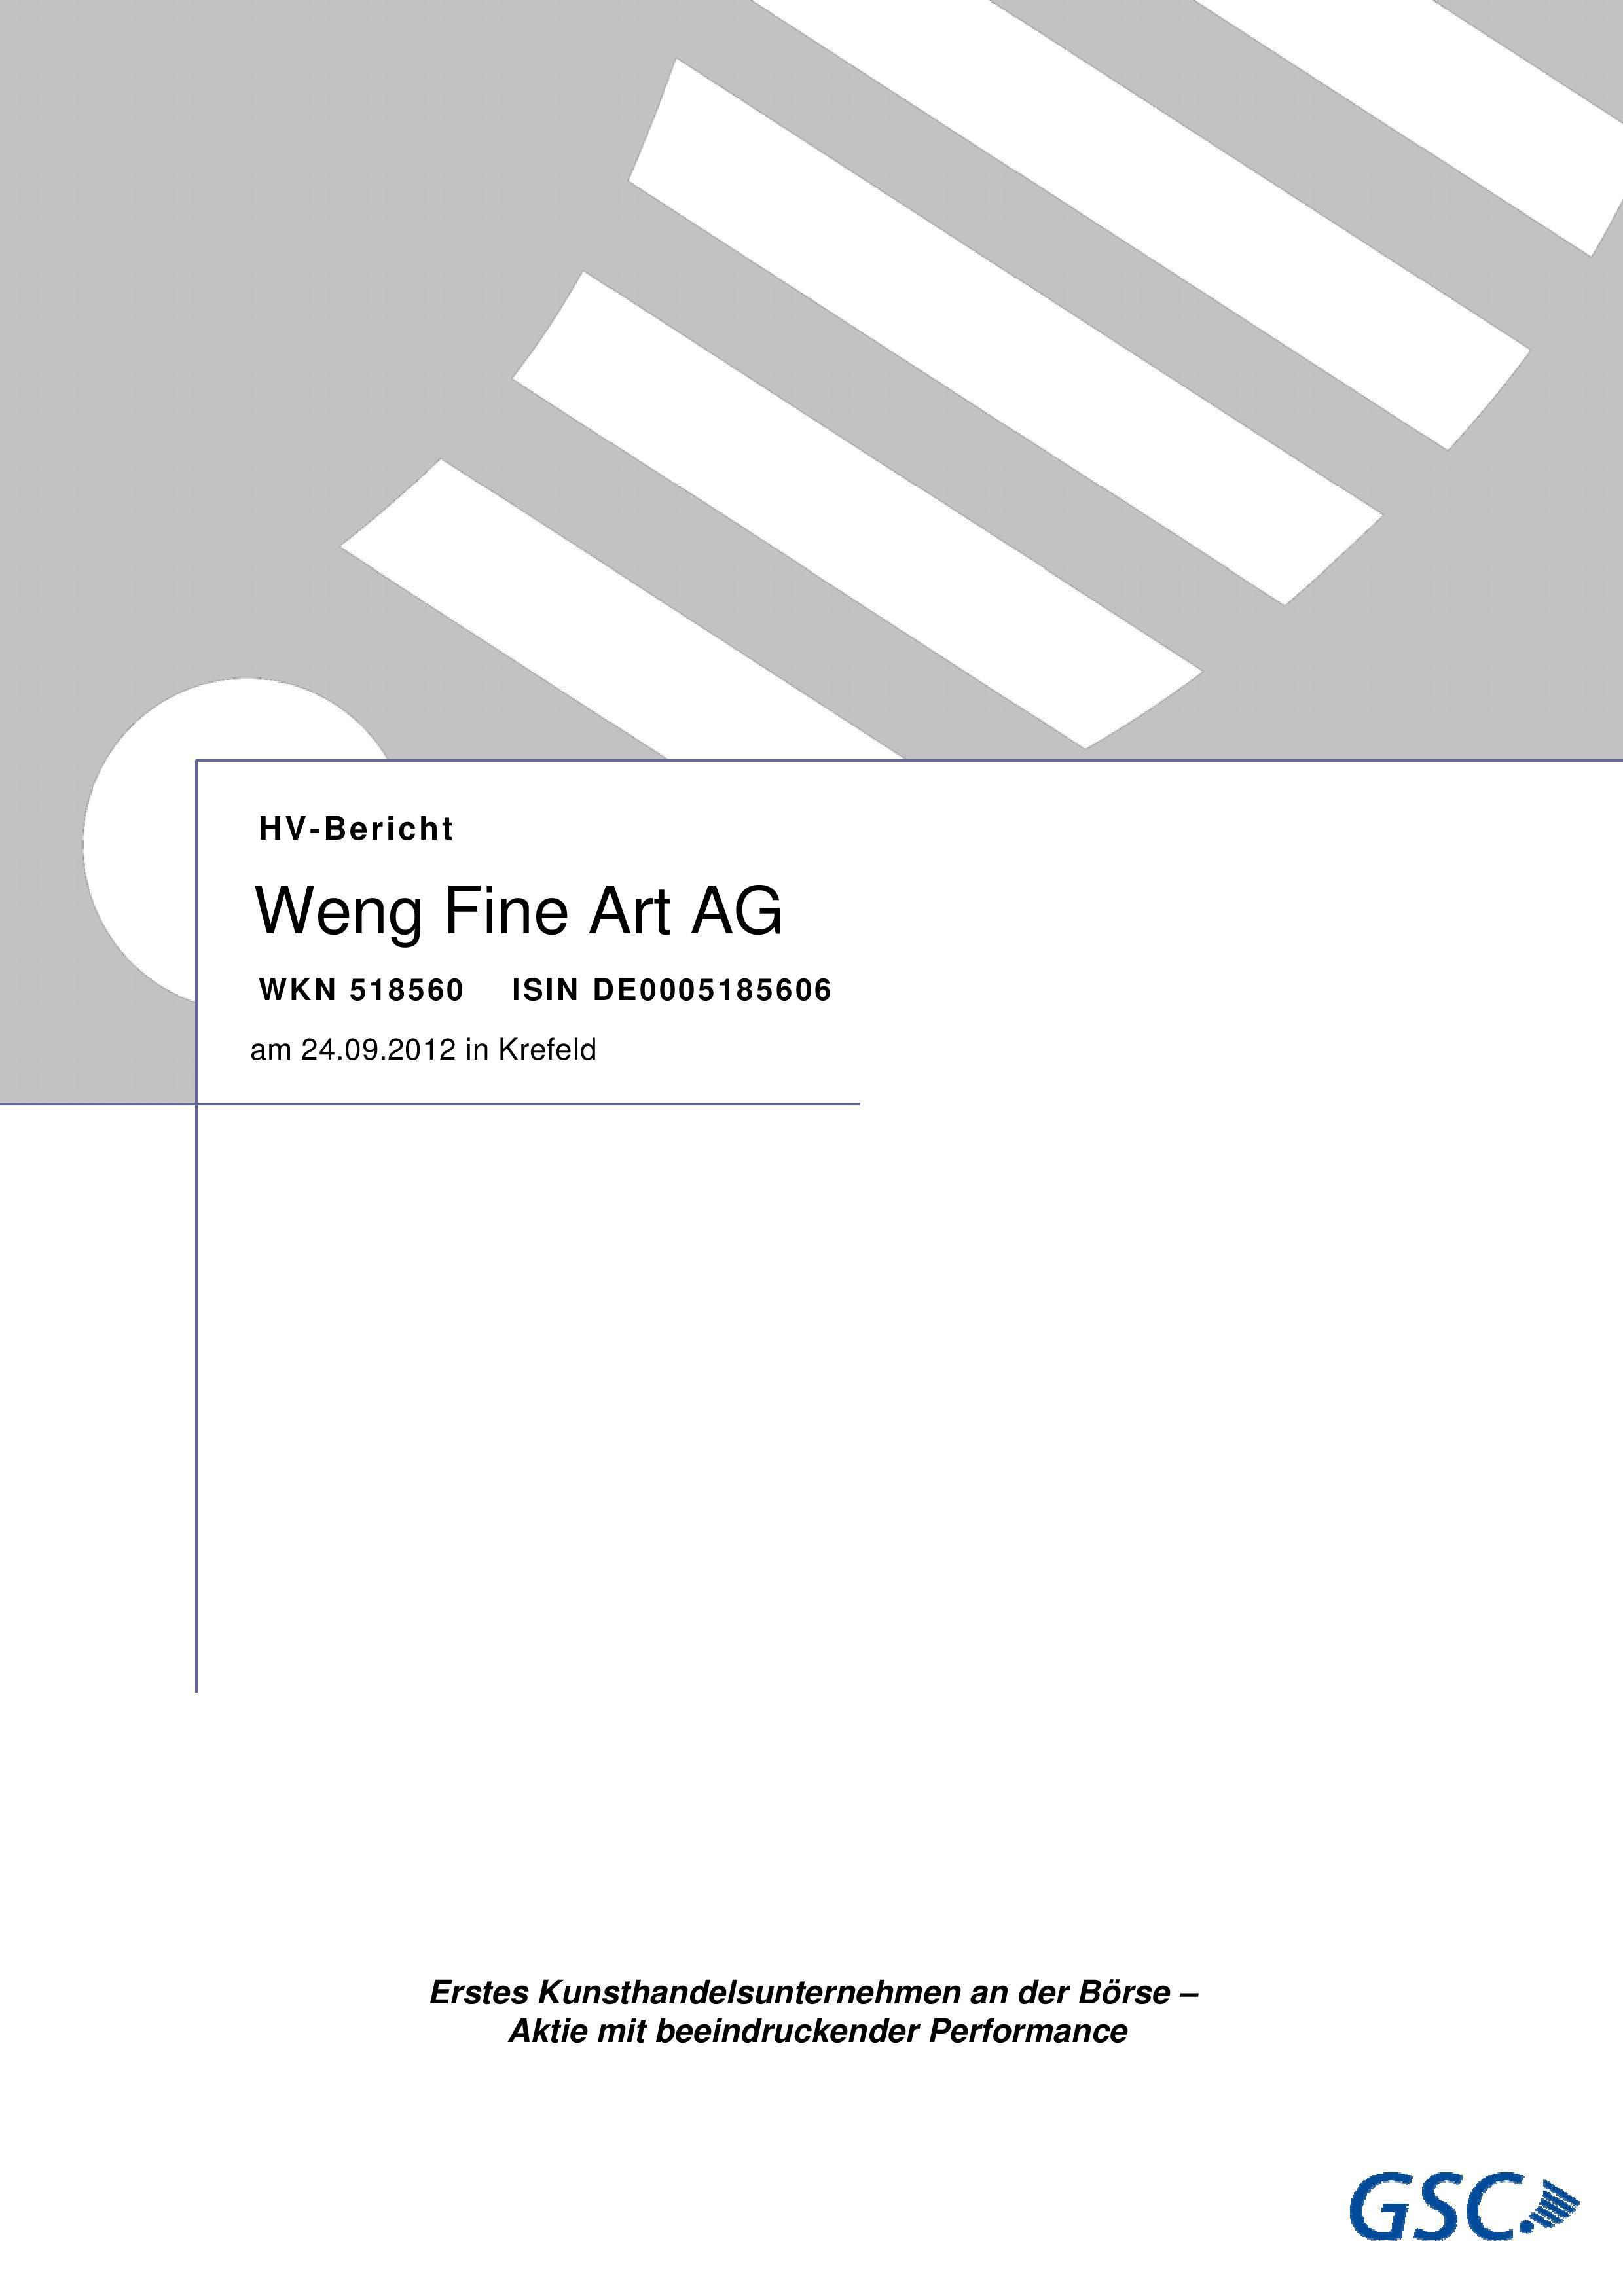 Weng_Fine_Art_AG_HV-Bericht_2012-09-24-page-001.jpg#asset:3525